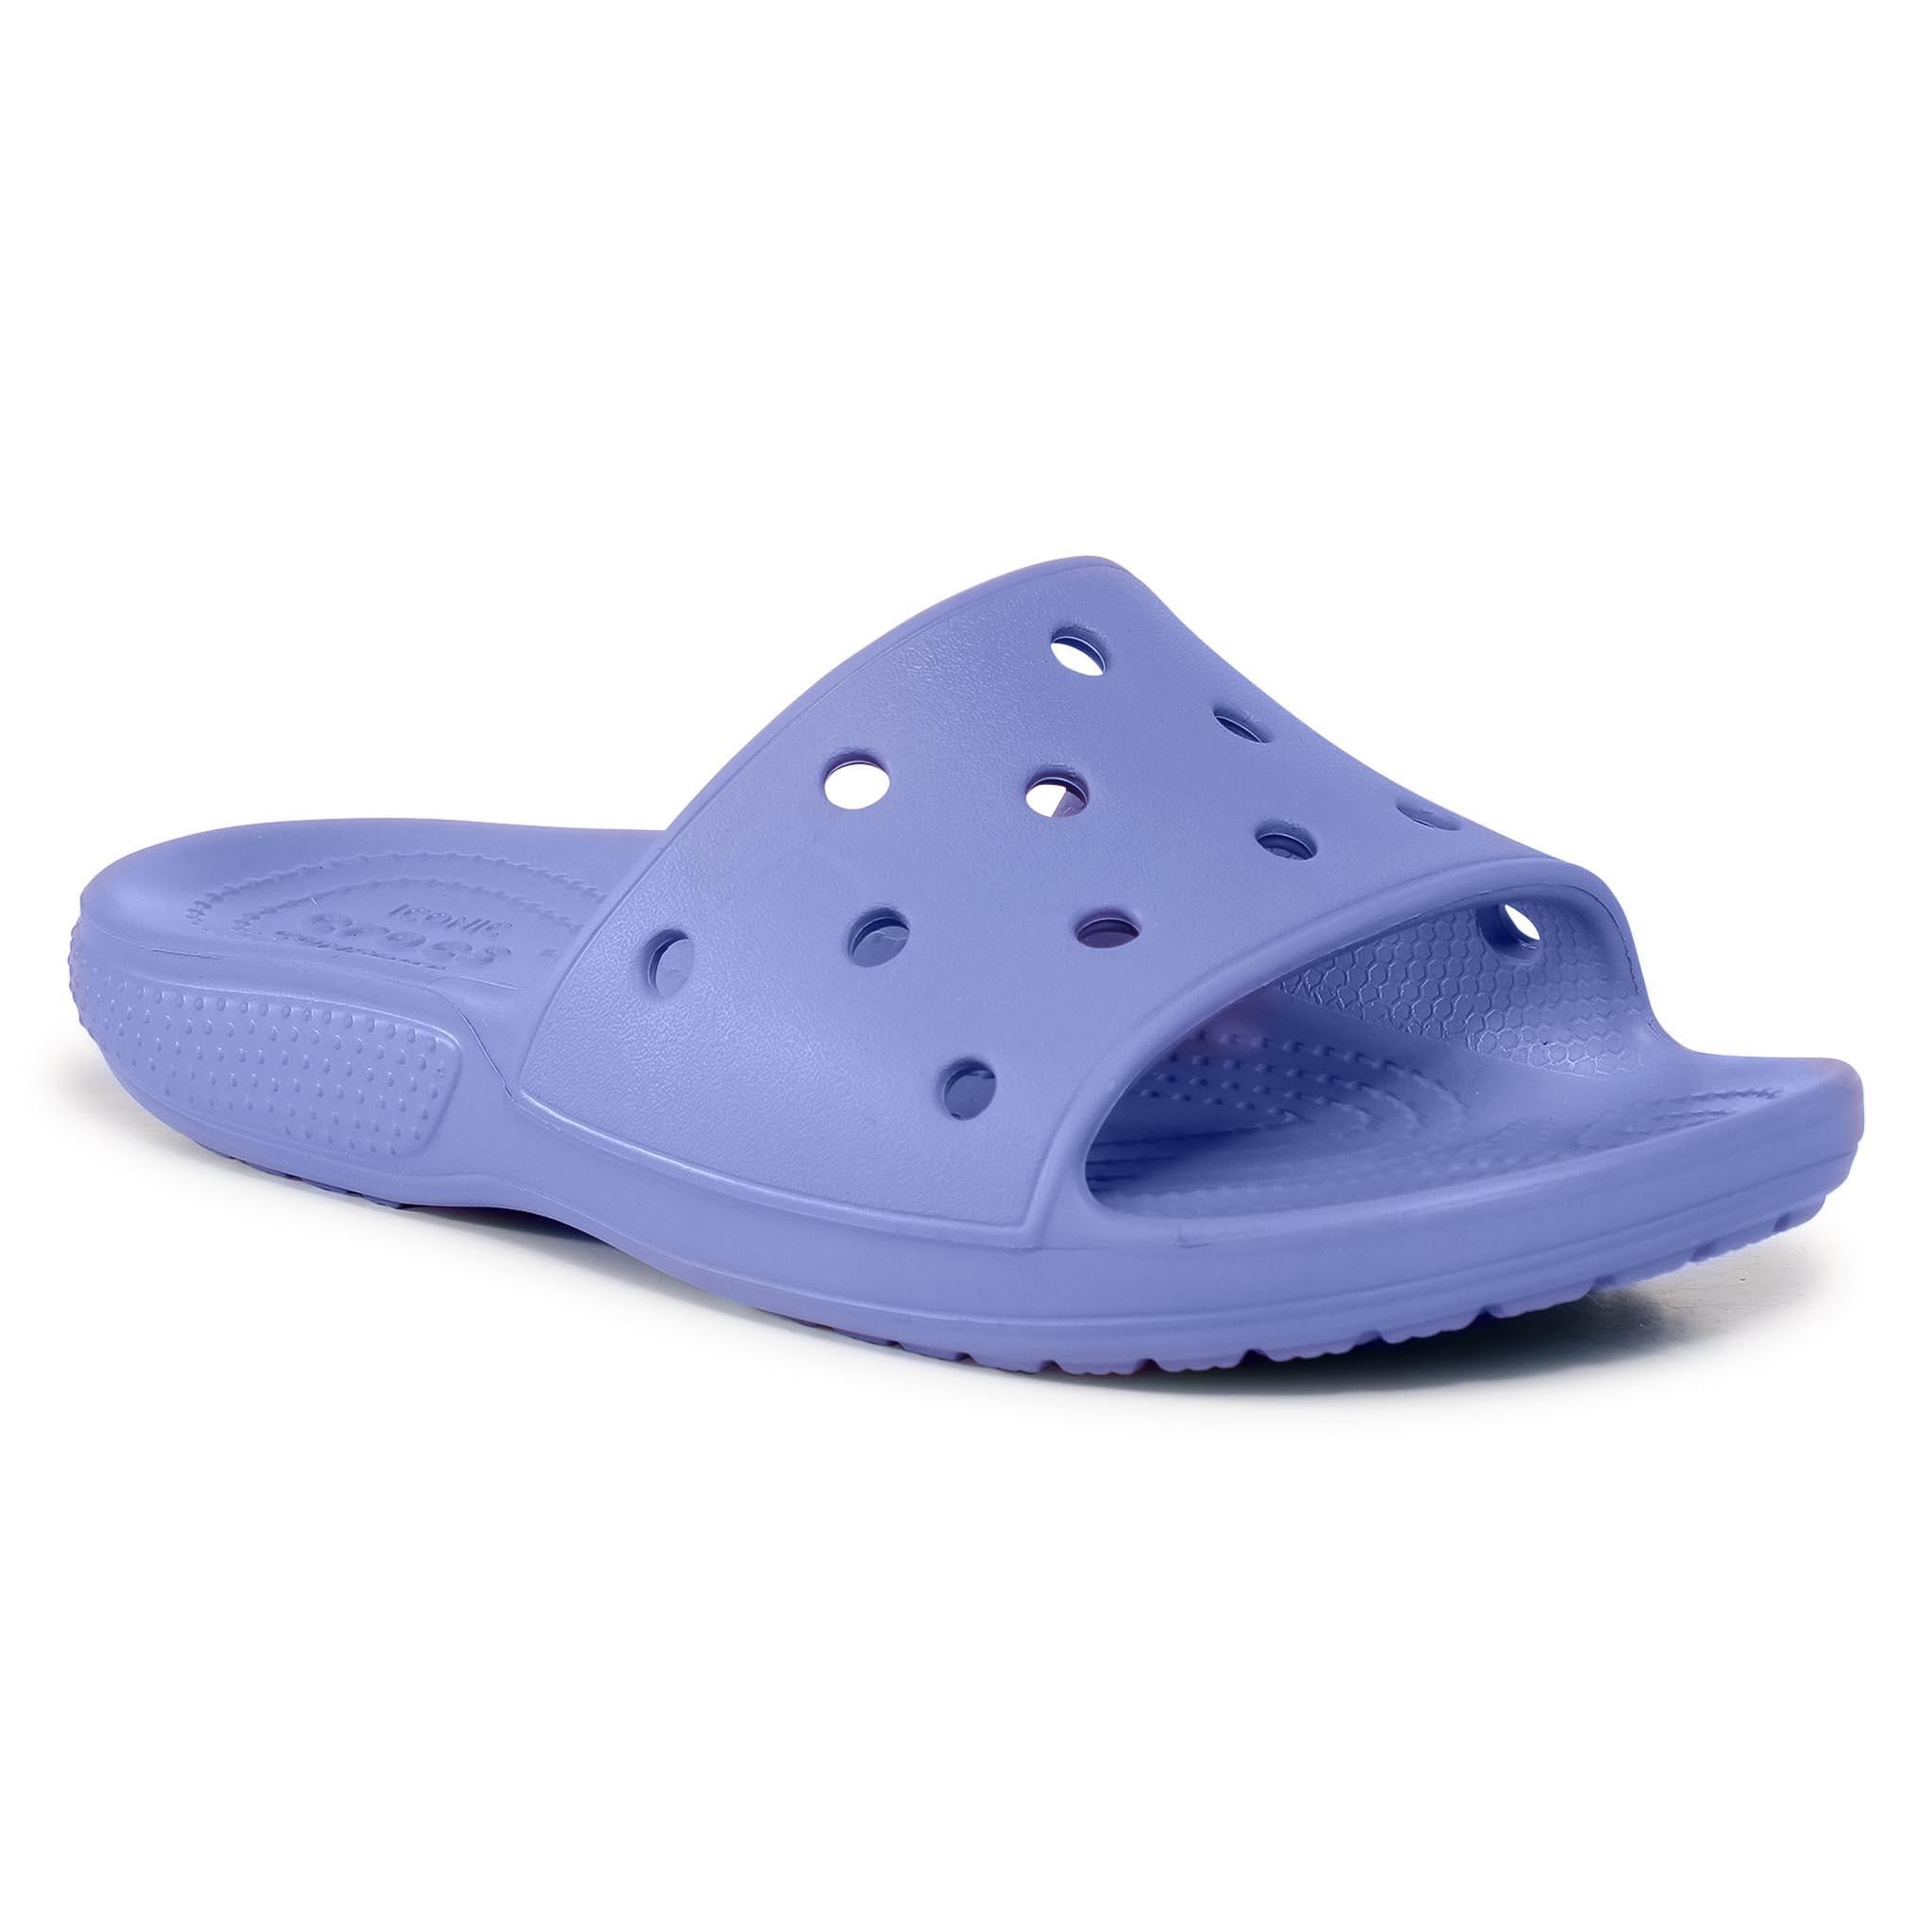 Image of Pantoletten CROCS - Classic Crocs Slide 206121 Lapis